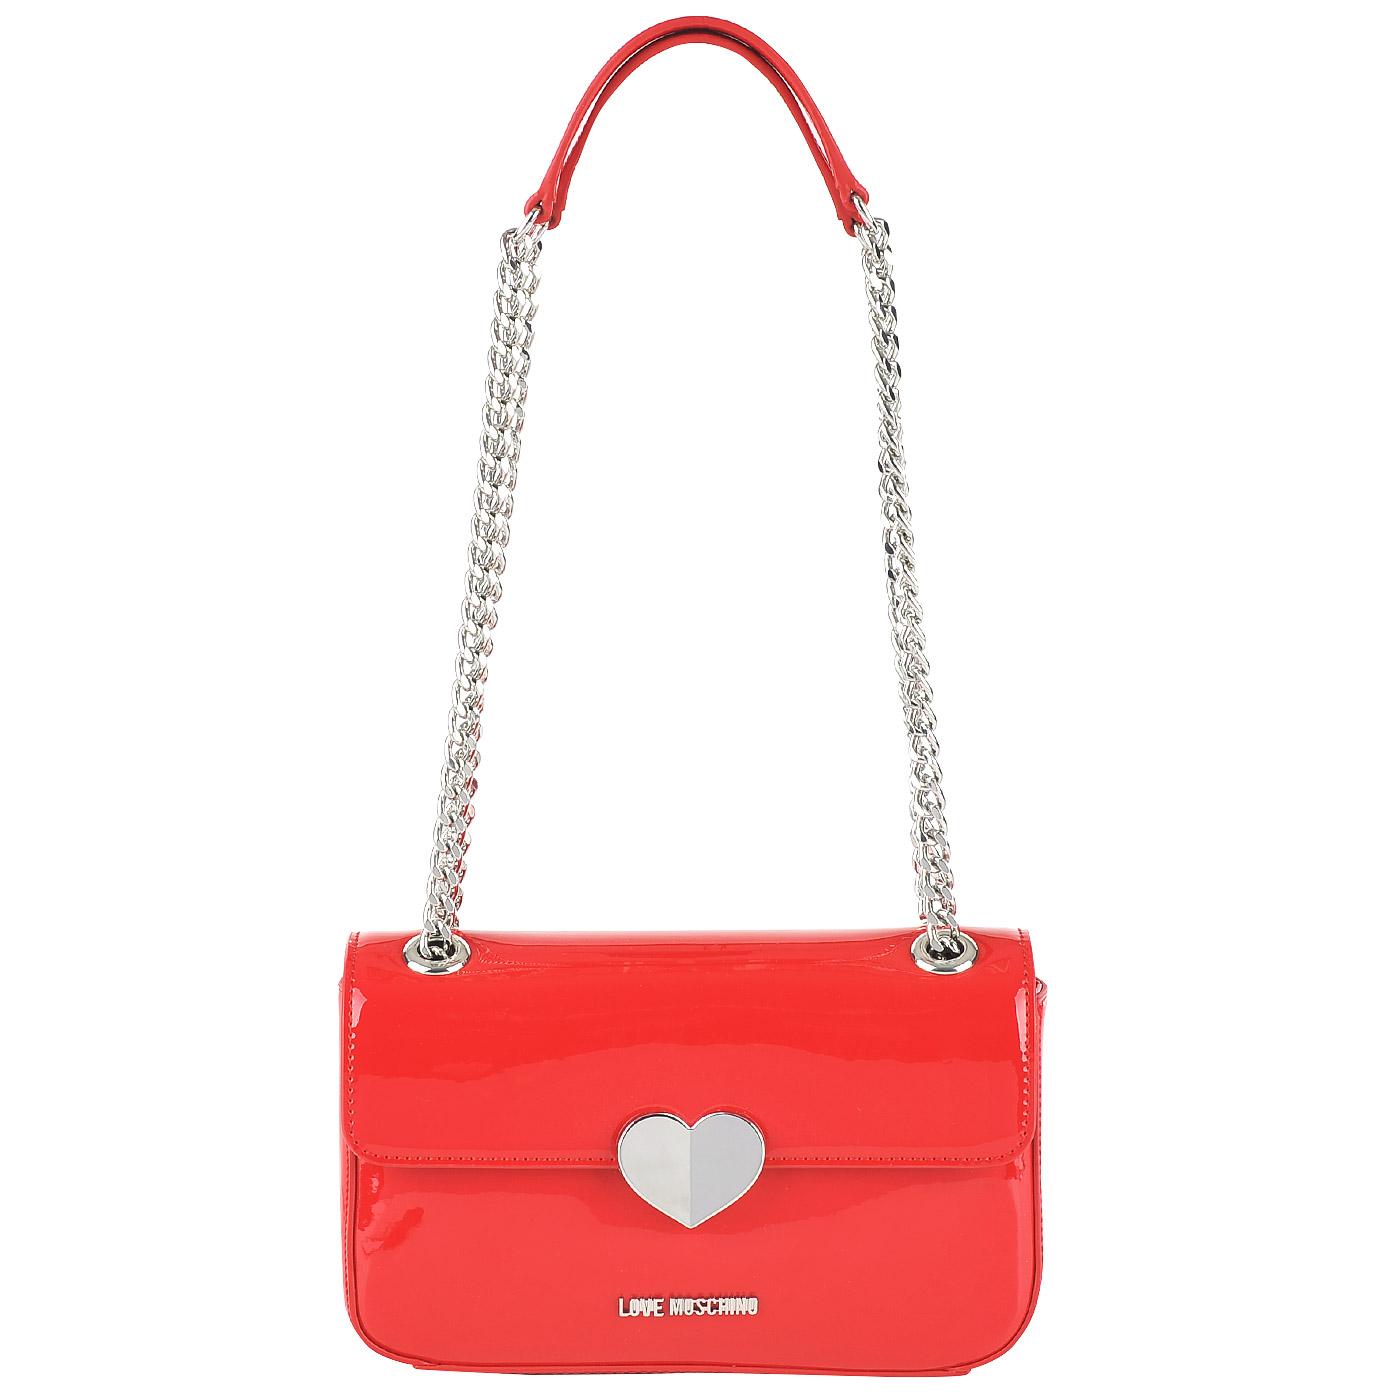 61728a92b772 Женская сумка через плечо Love Moschino Cut heart JC4249PP03_500 ...